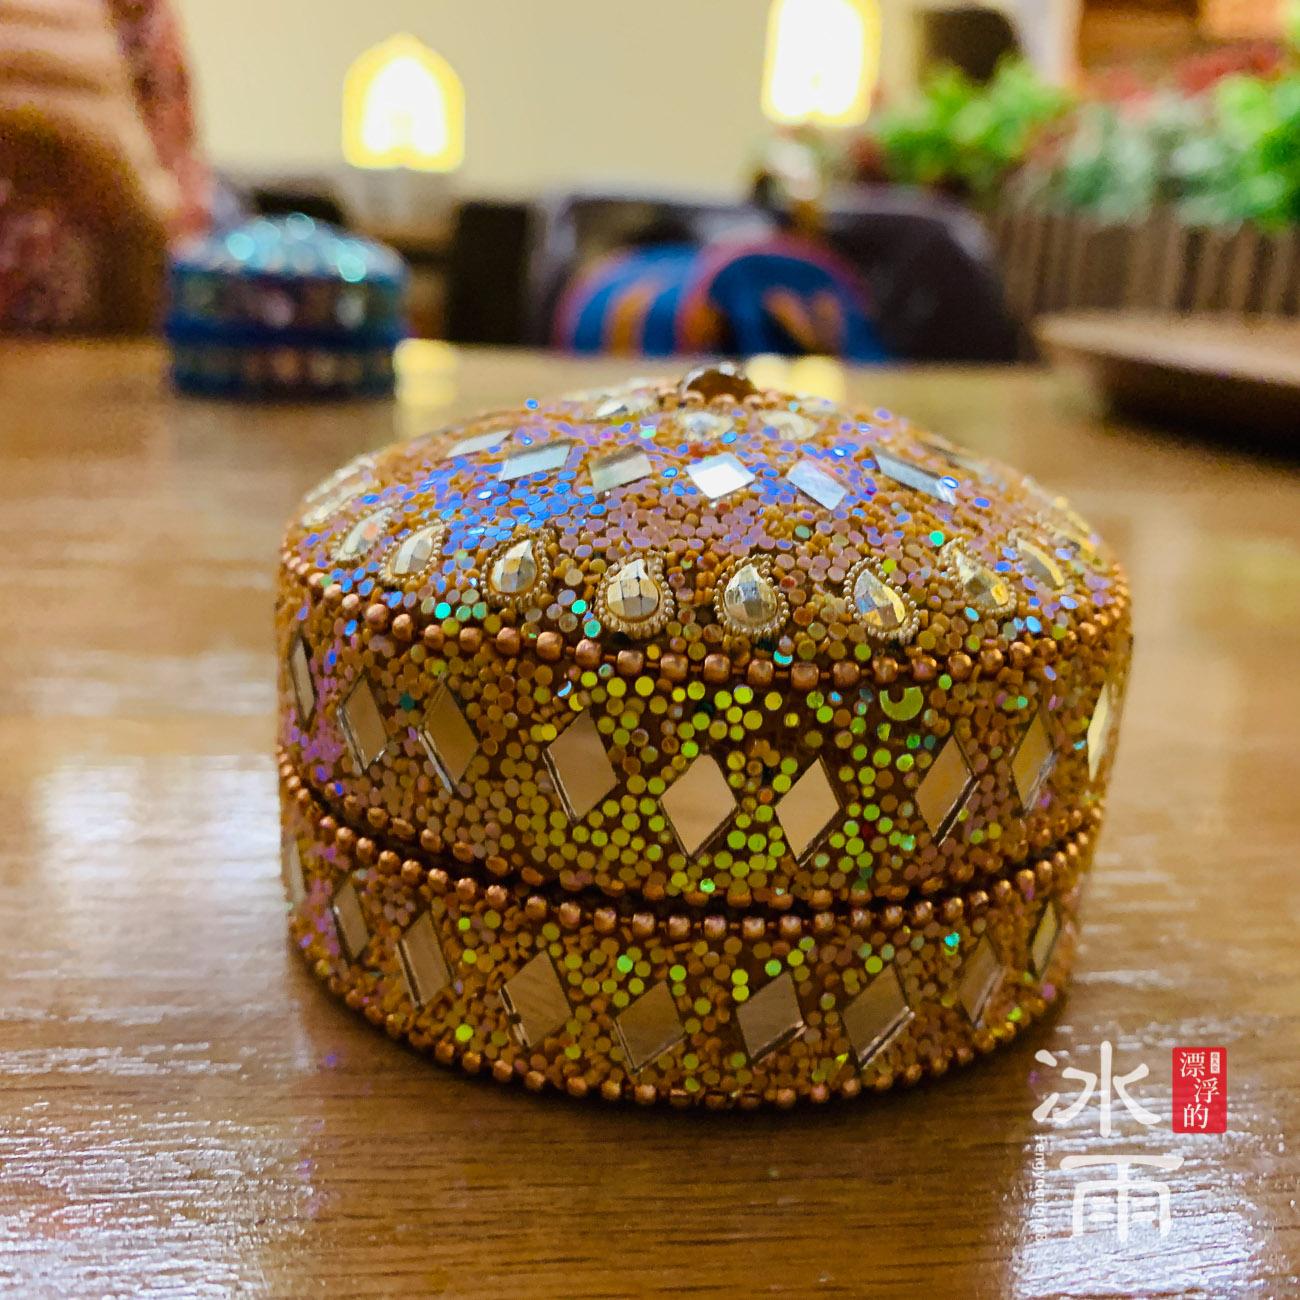 印渡風情|印度料理餐廳|精巧手工盒